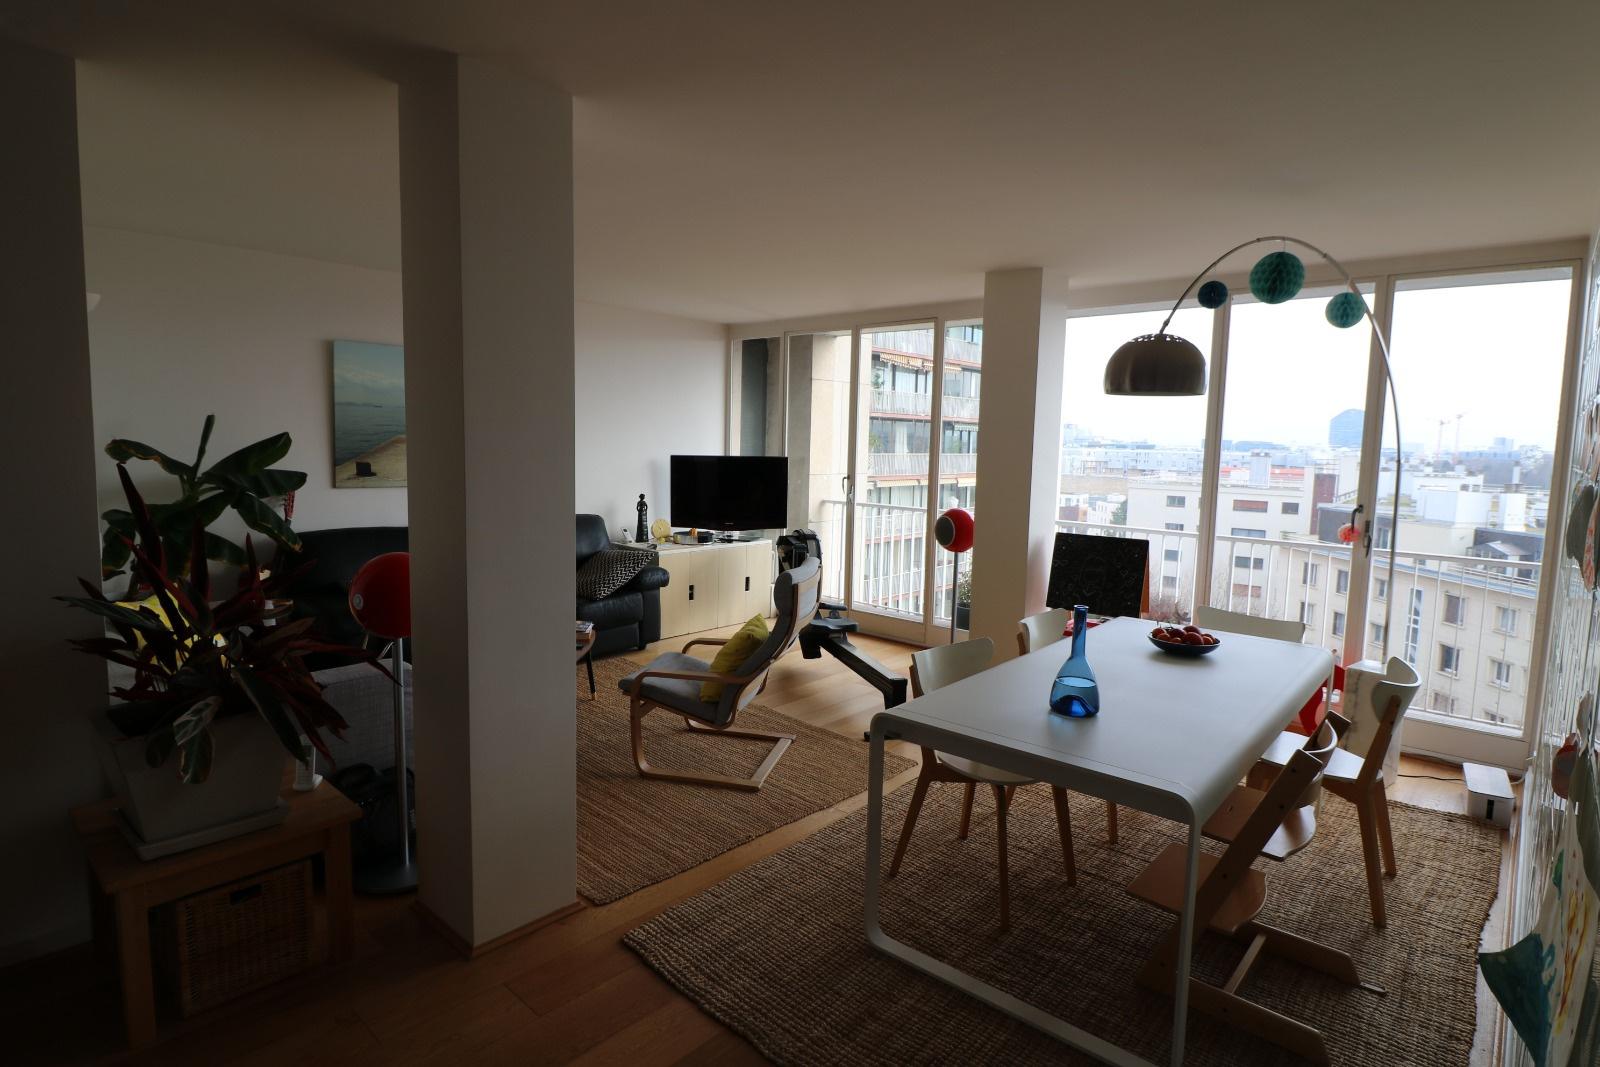 chateauvieux conseil boulogne et environ. Black Bedroom Furniture Sets. Home Design Ideas